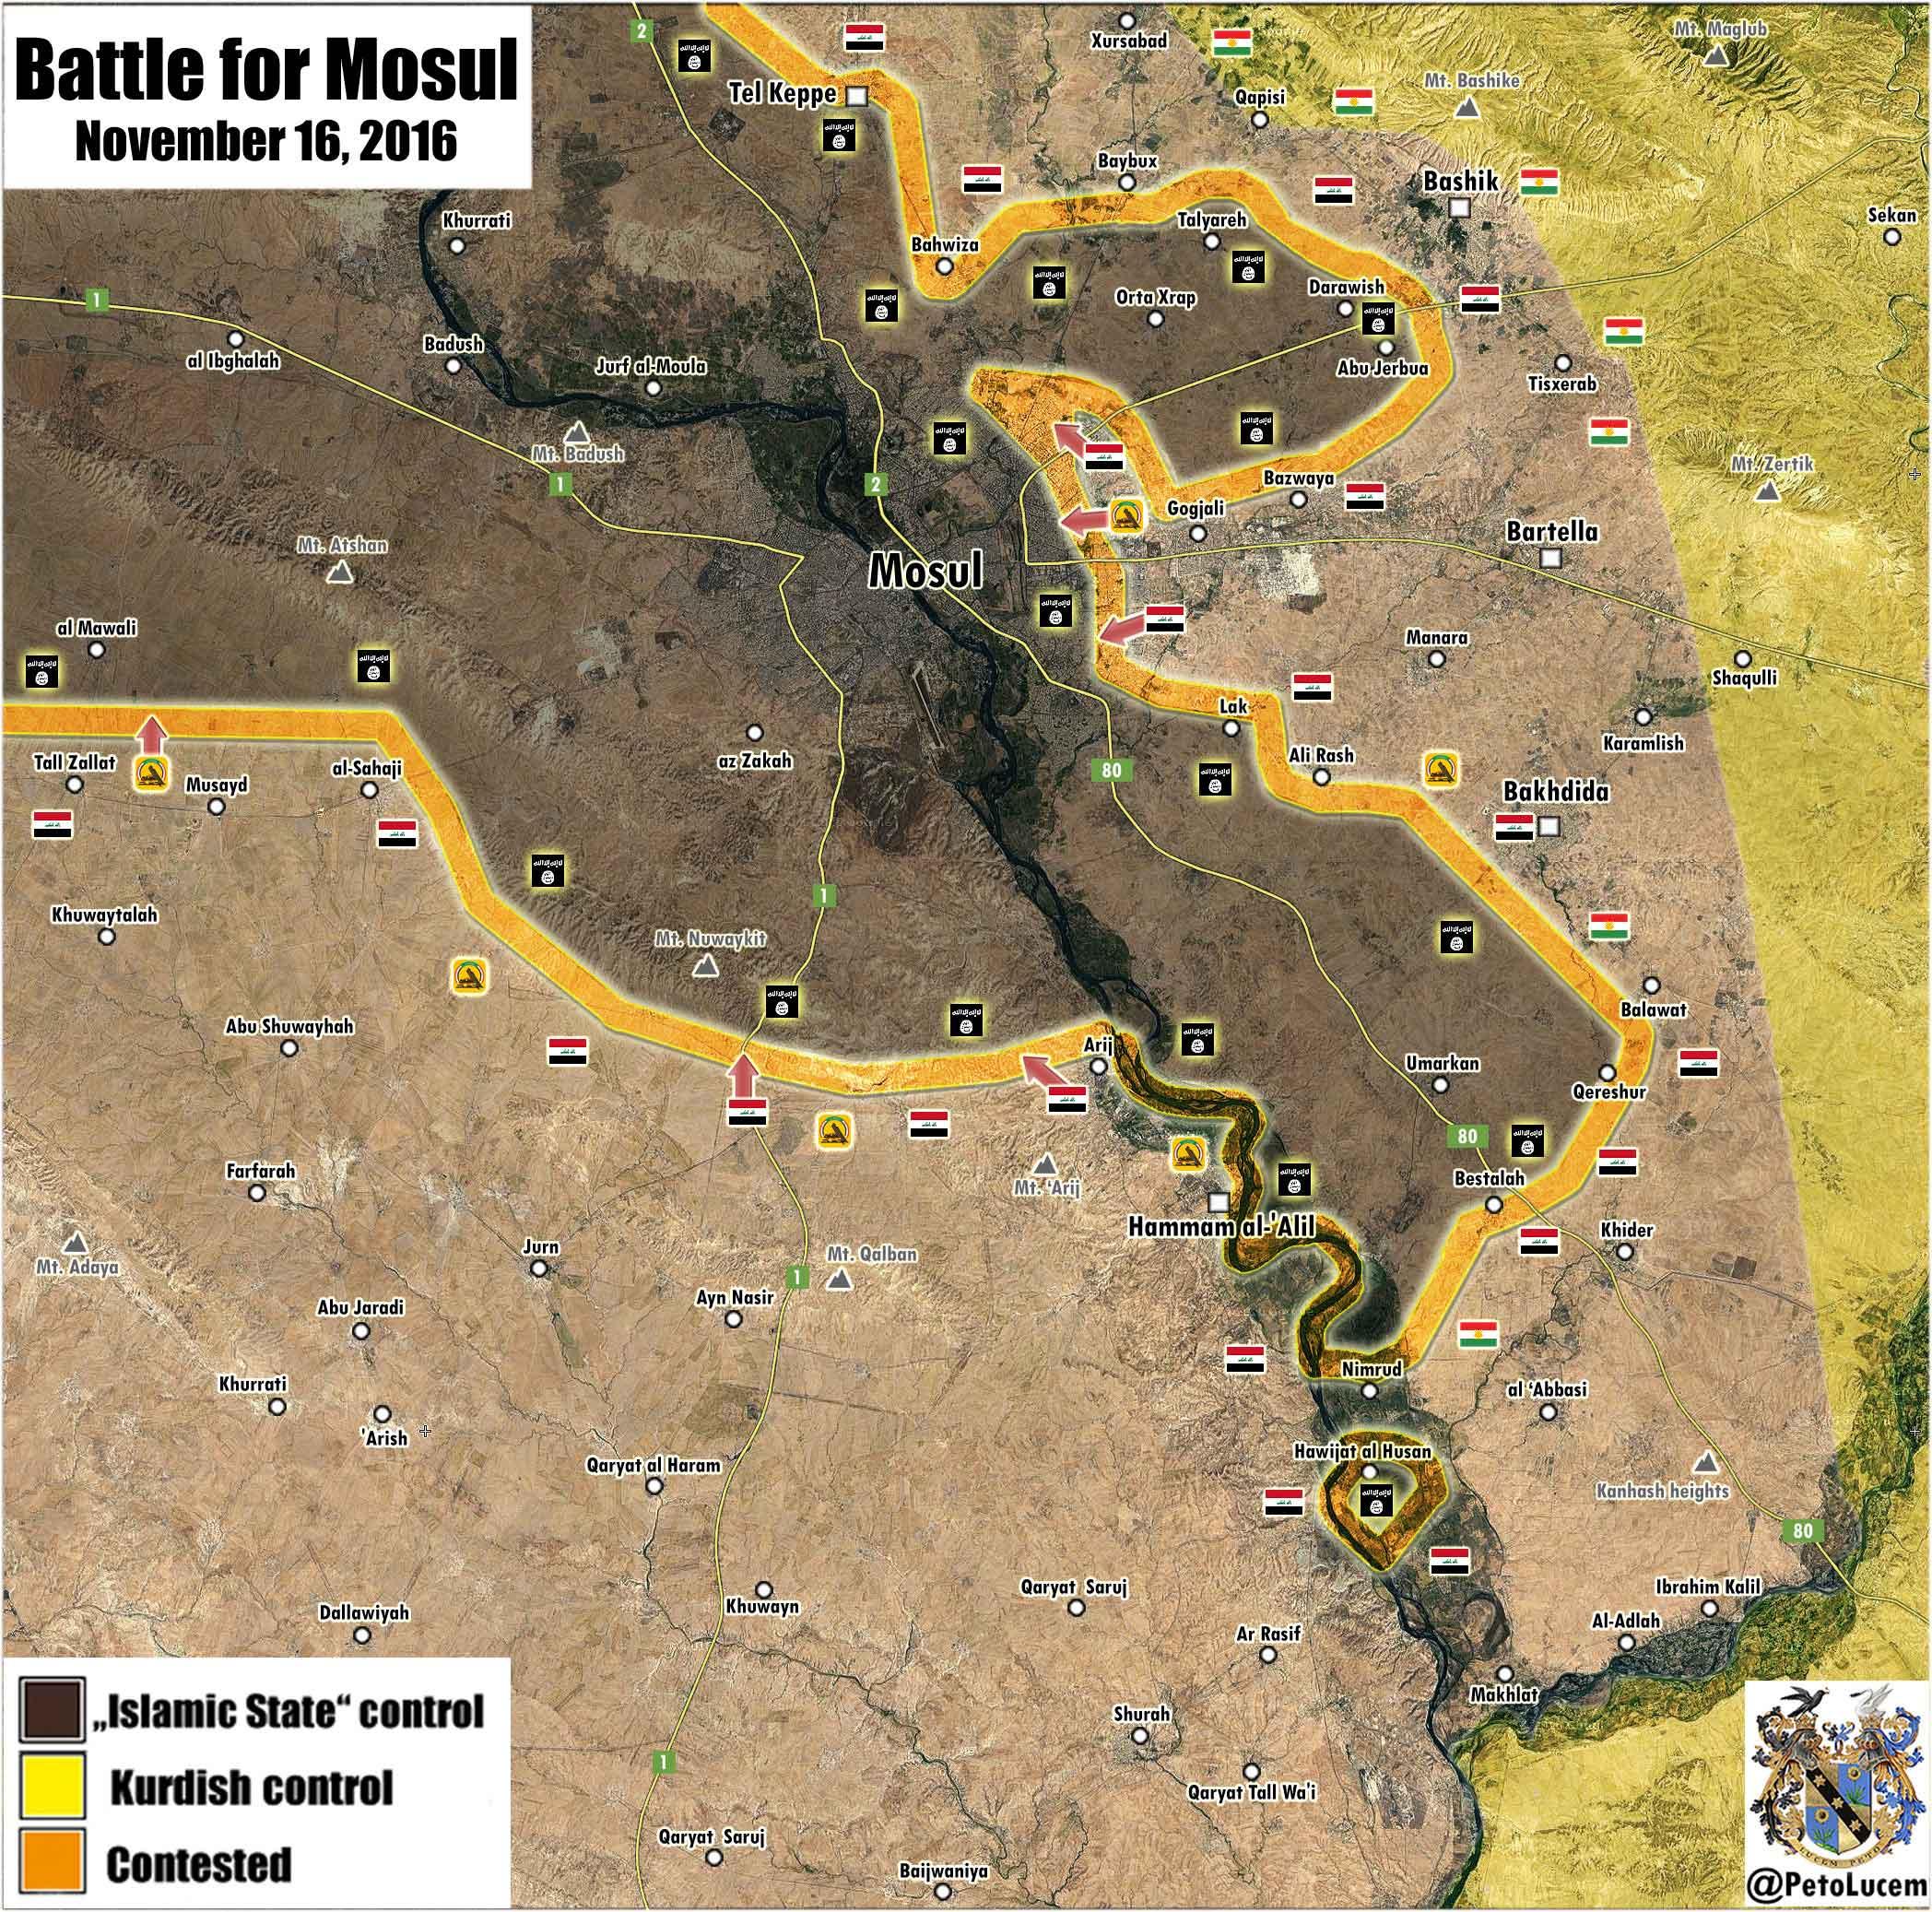 Карта боев за город Мосул, Ирак (расположение сторон на 16.11.2016)